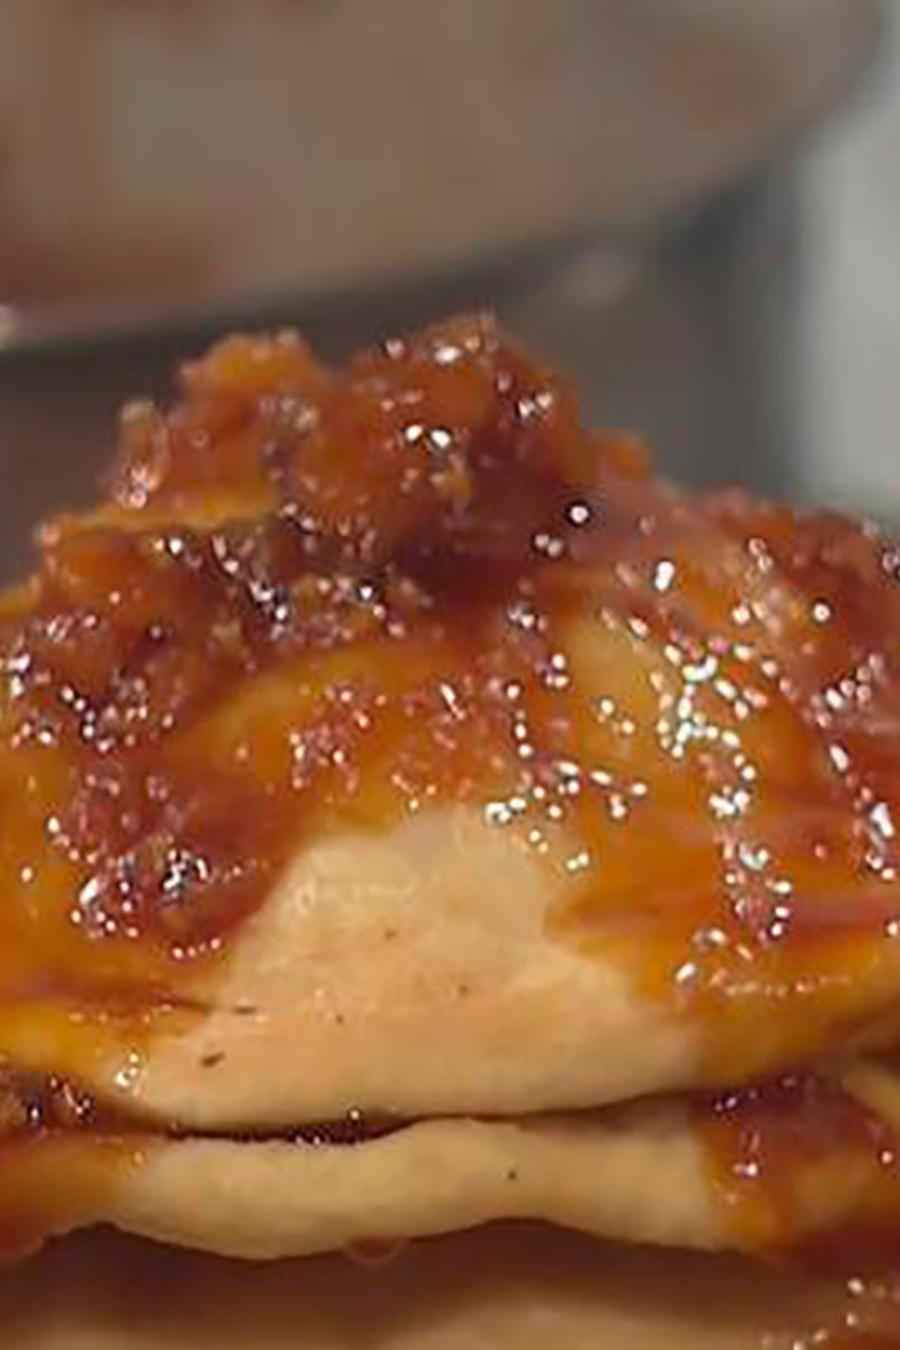 Recetas de cocina: Descubre cómo hacer un delicioso Champurrado